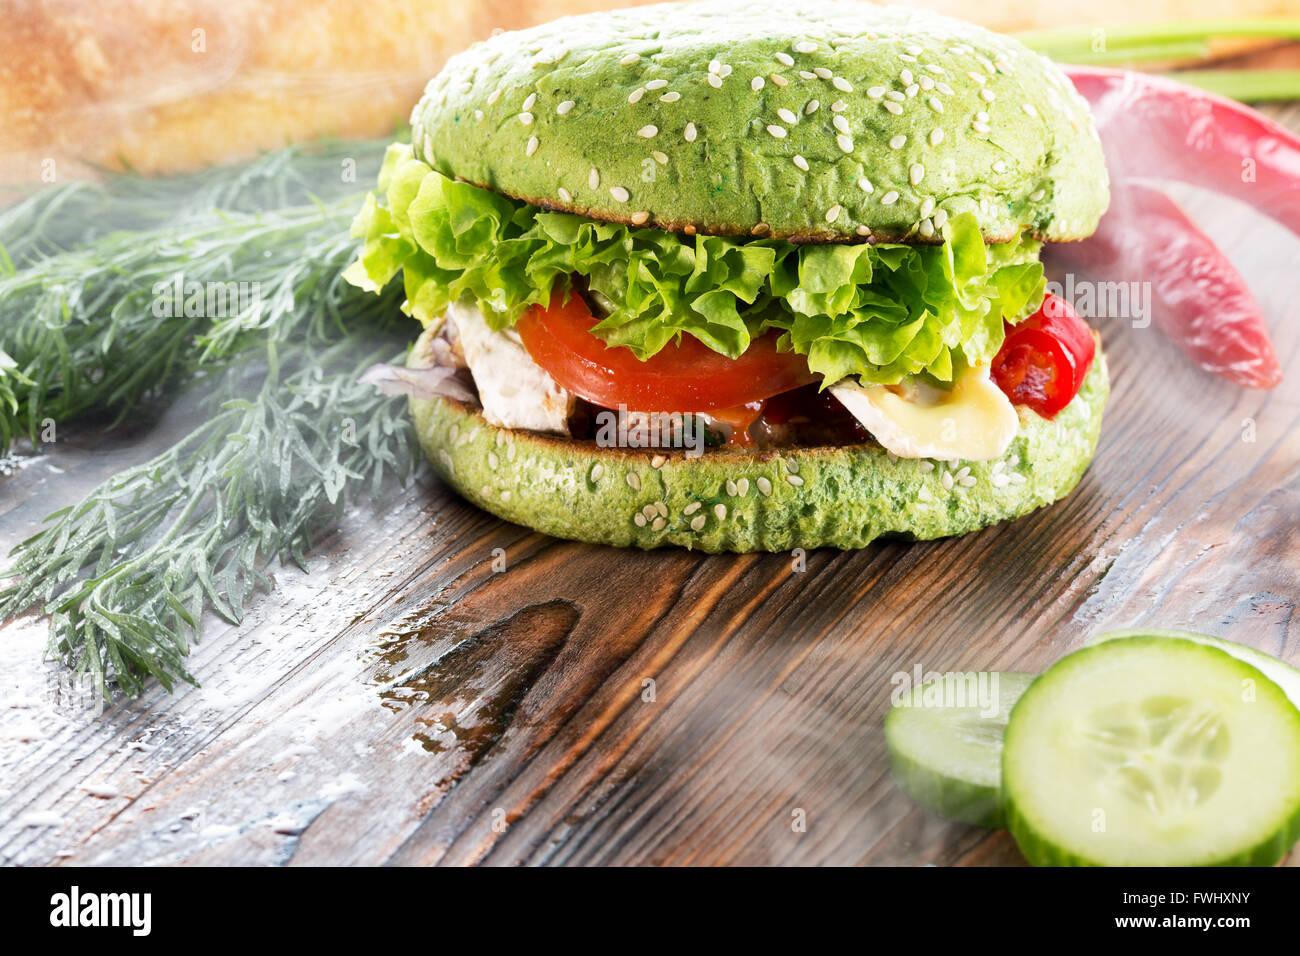 Burger mit grünen Brötchen in leichten Rauch auf hölzernen Hintergrund. Stockbild